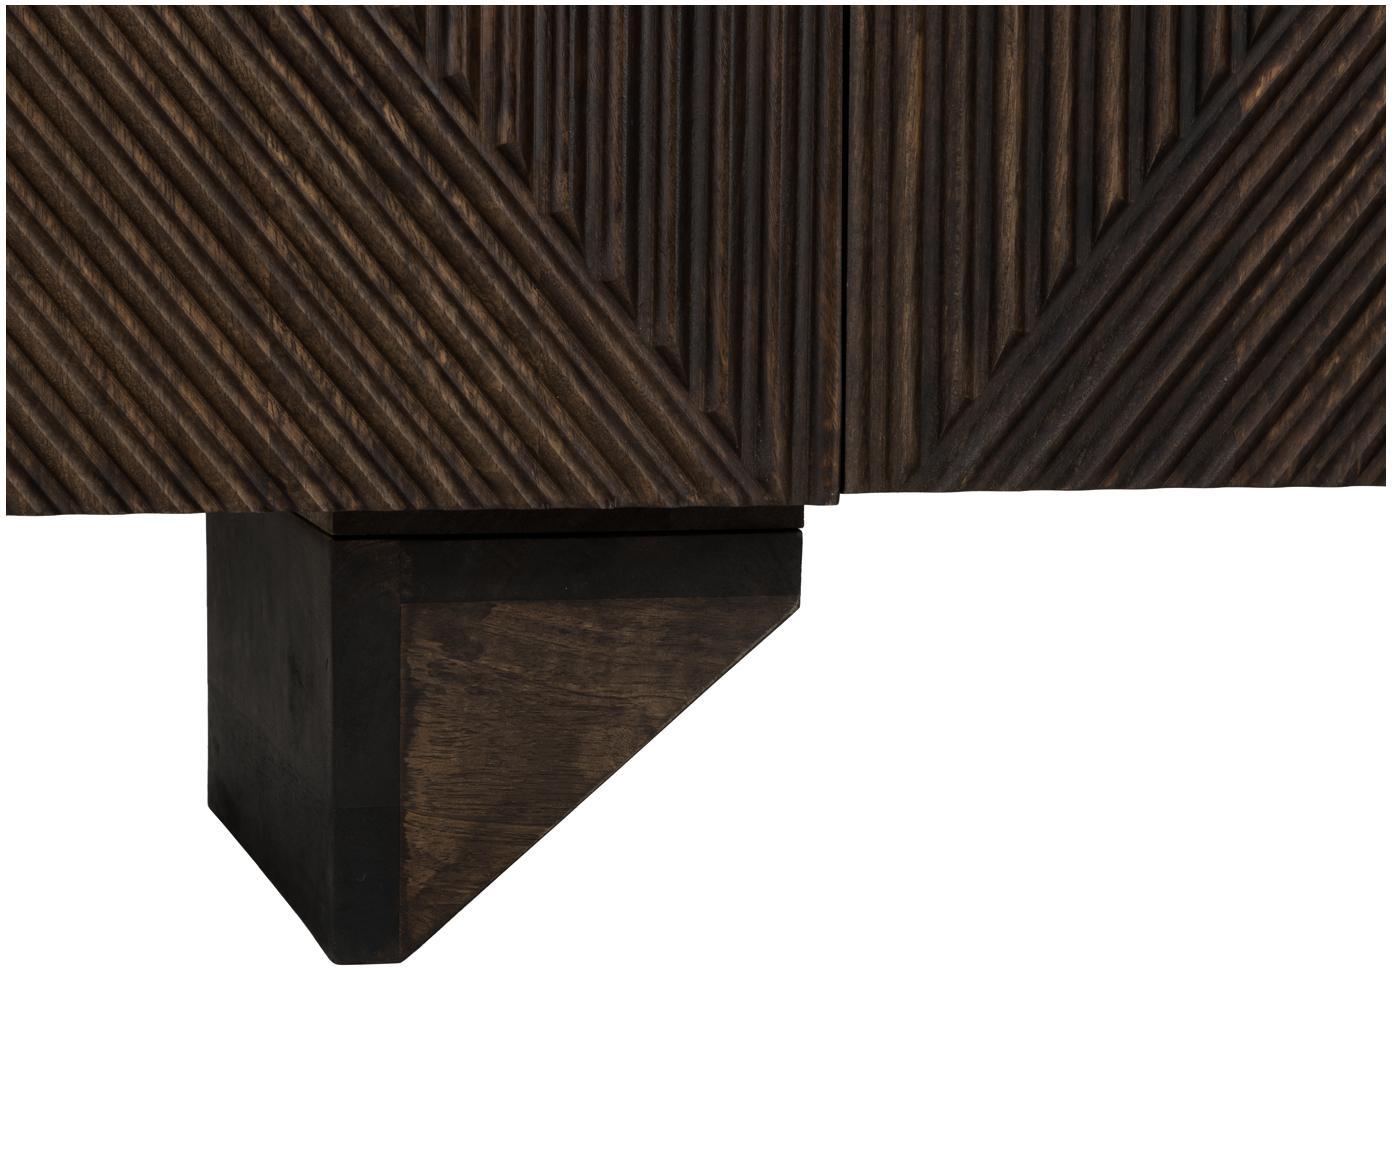 Komoda z litego drewna mangowego Louis, Masywne drewno mangowe, Drewno mangowe, lakierowane, S 177 x W 75 cm